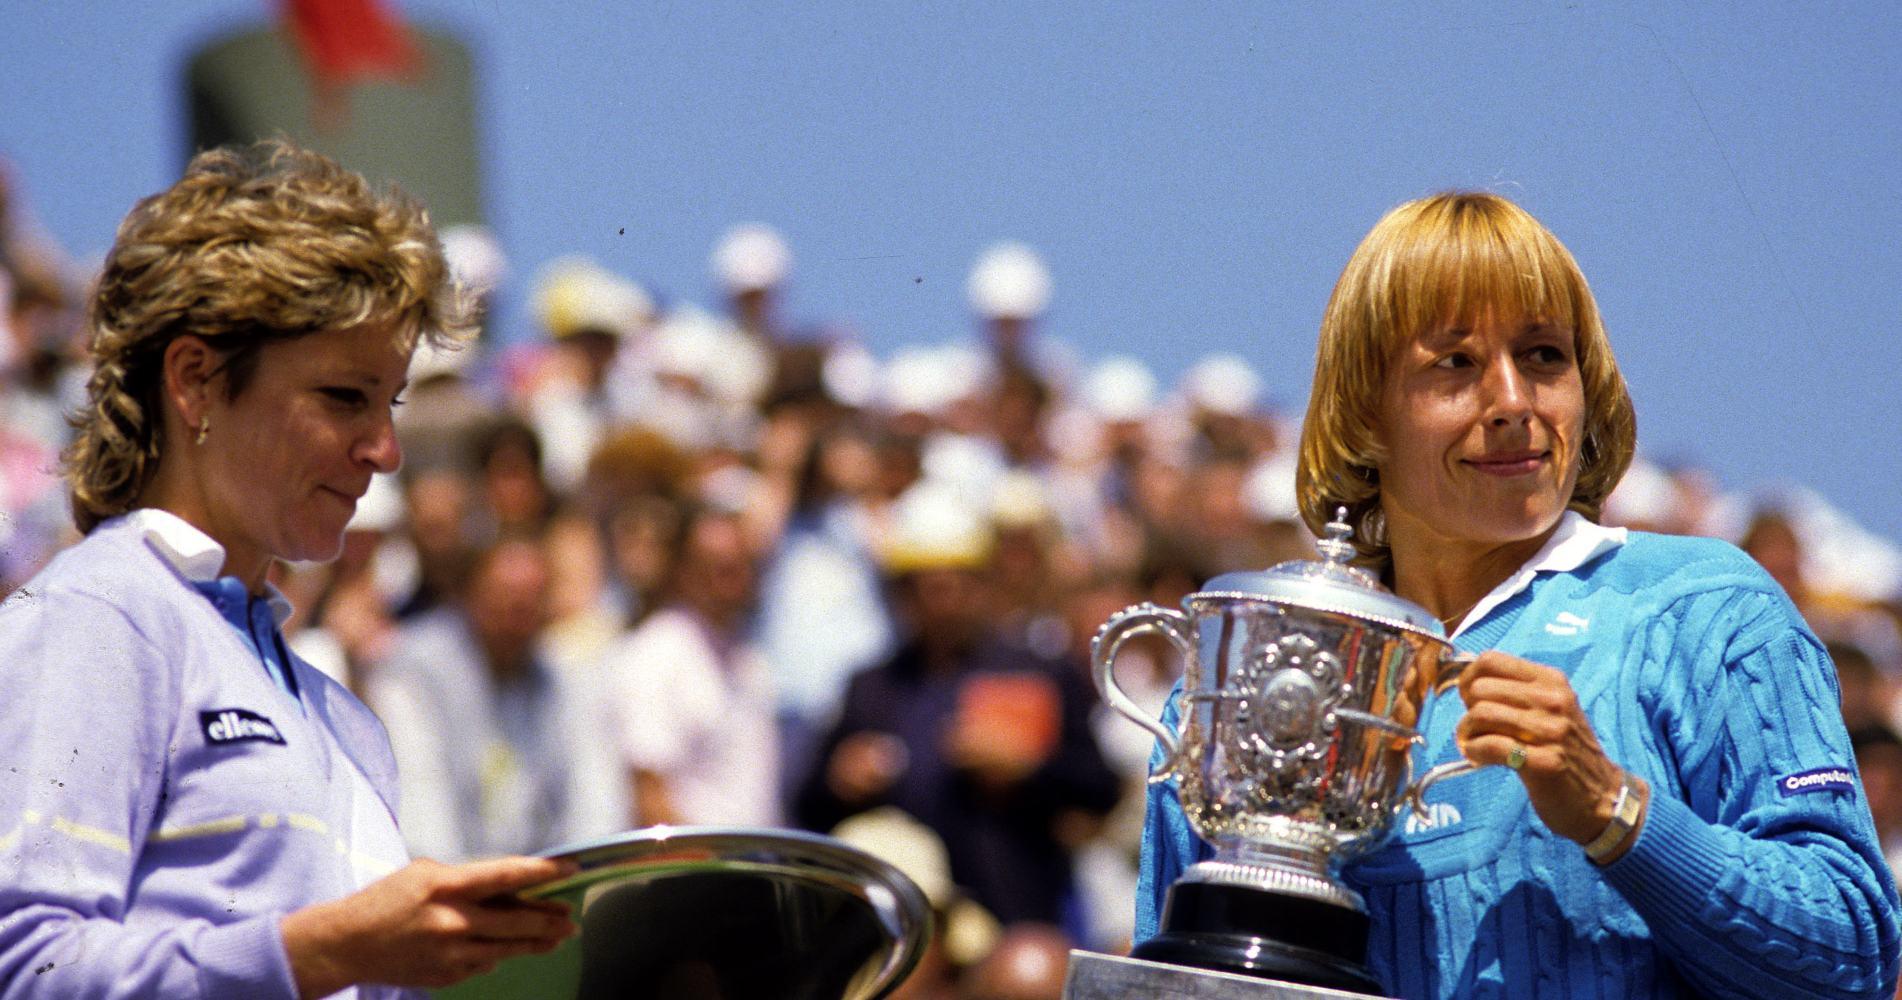 Evert, Navratilova 1984 Roland-Garros